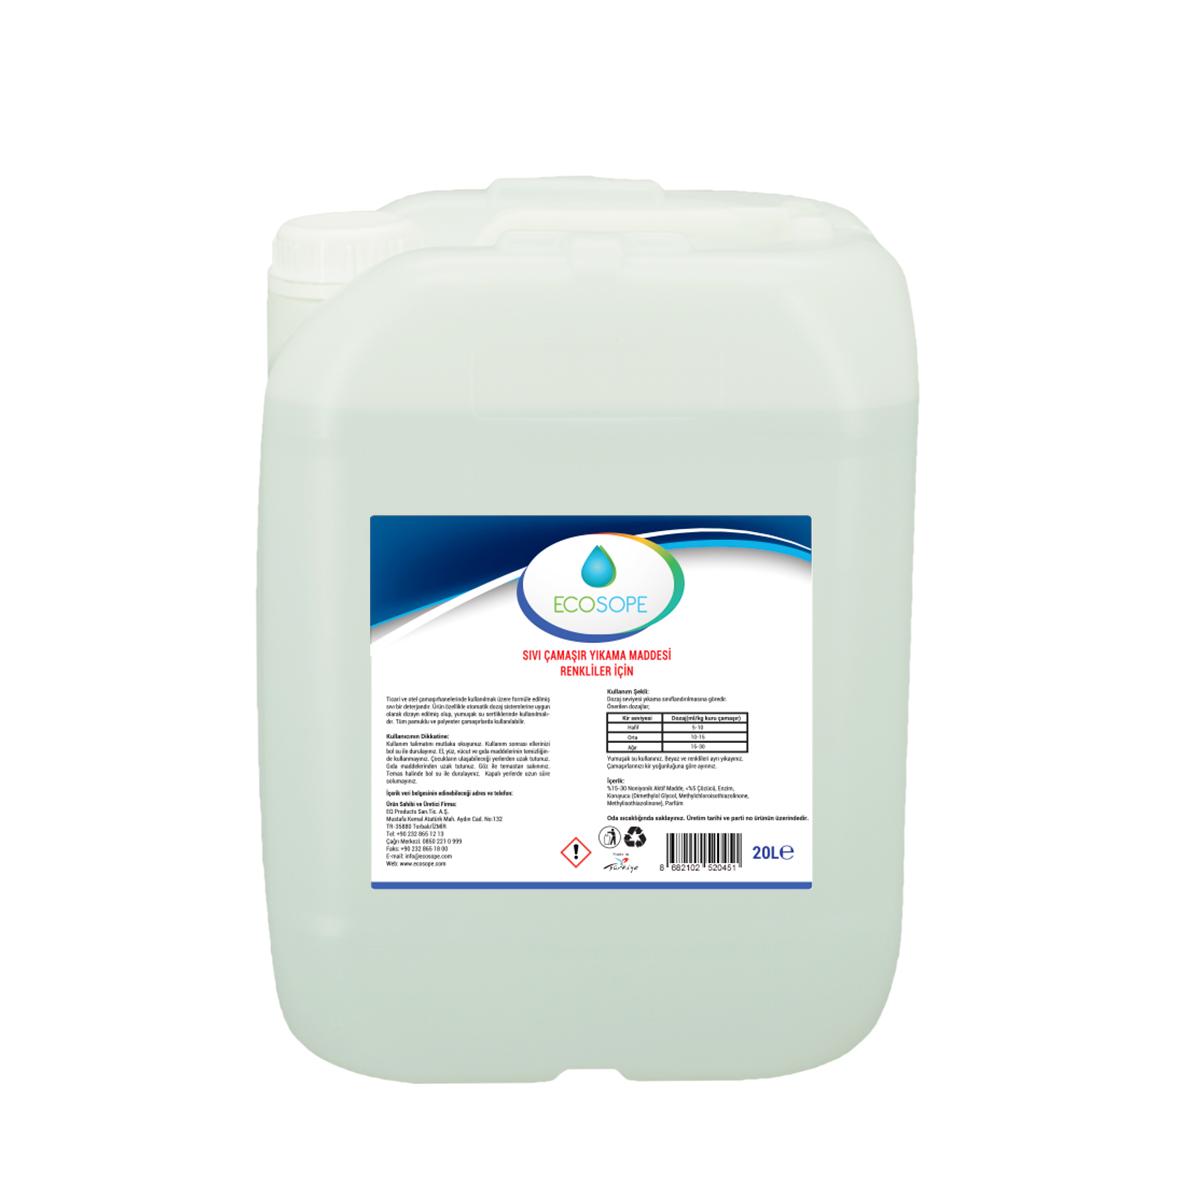 Ecosope Sıvı Çamaşır Yıkama Maddesi Renkliler İçin